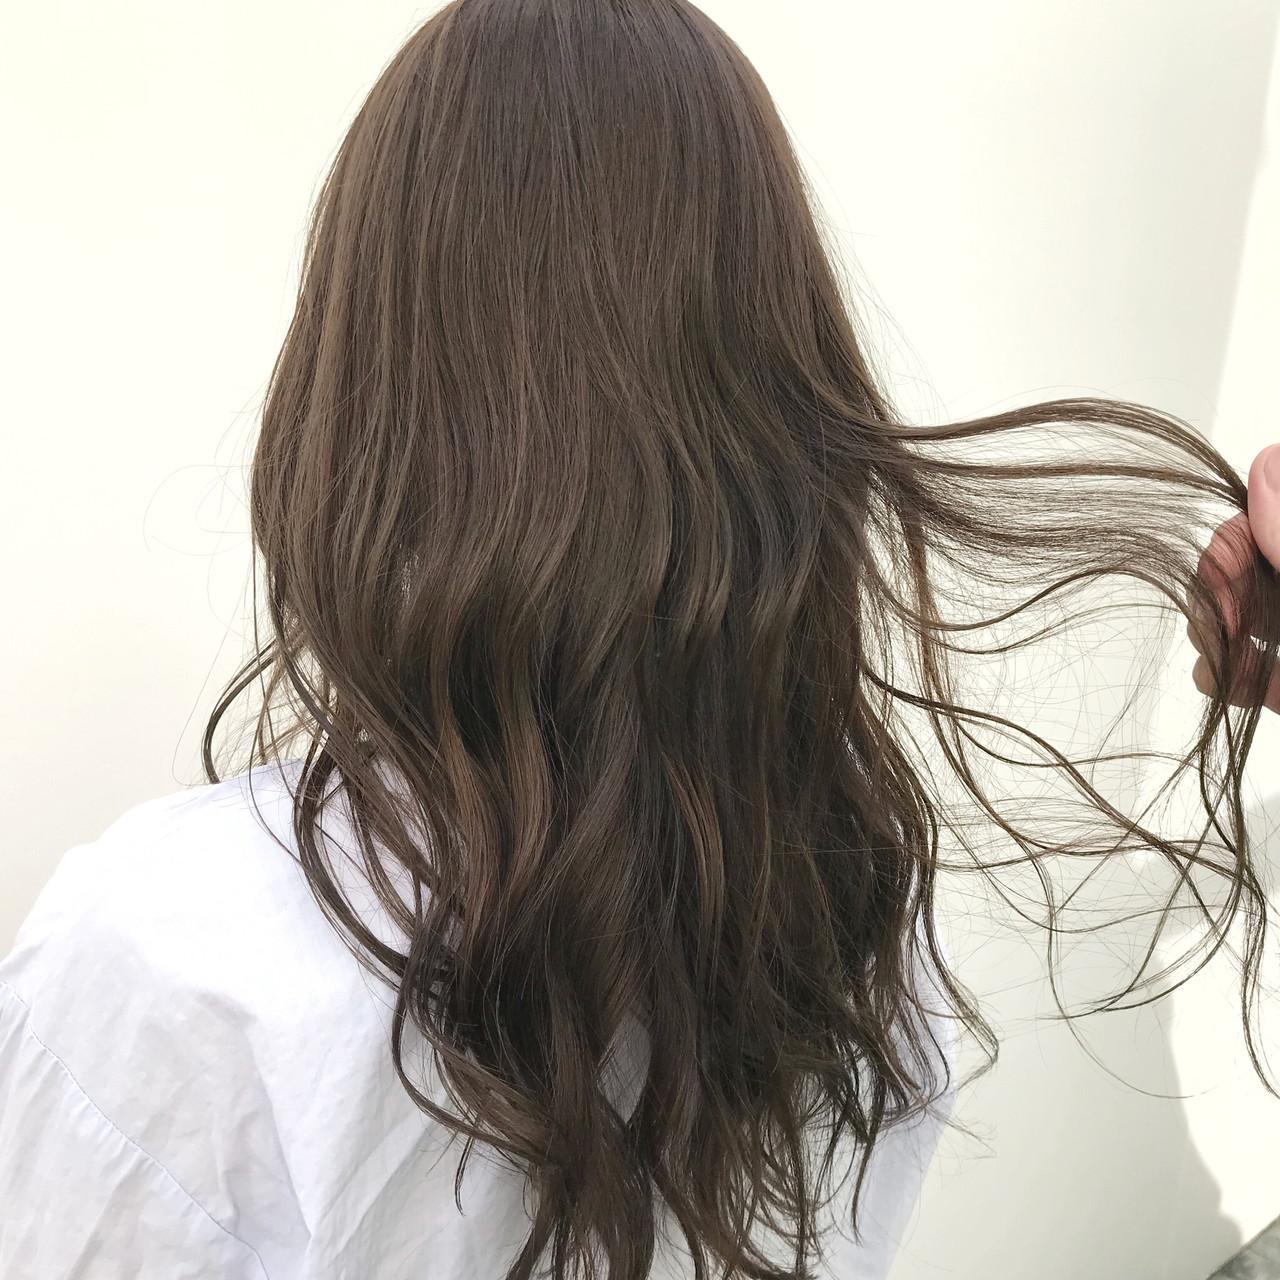 大人カジュアル デート 結婚式 透明感カラー ヘアスタイルや髪型の写真・画像 | 富永大樹【小顔ショート】【小顔ミディアム】 / Unami